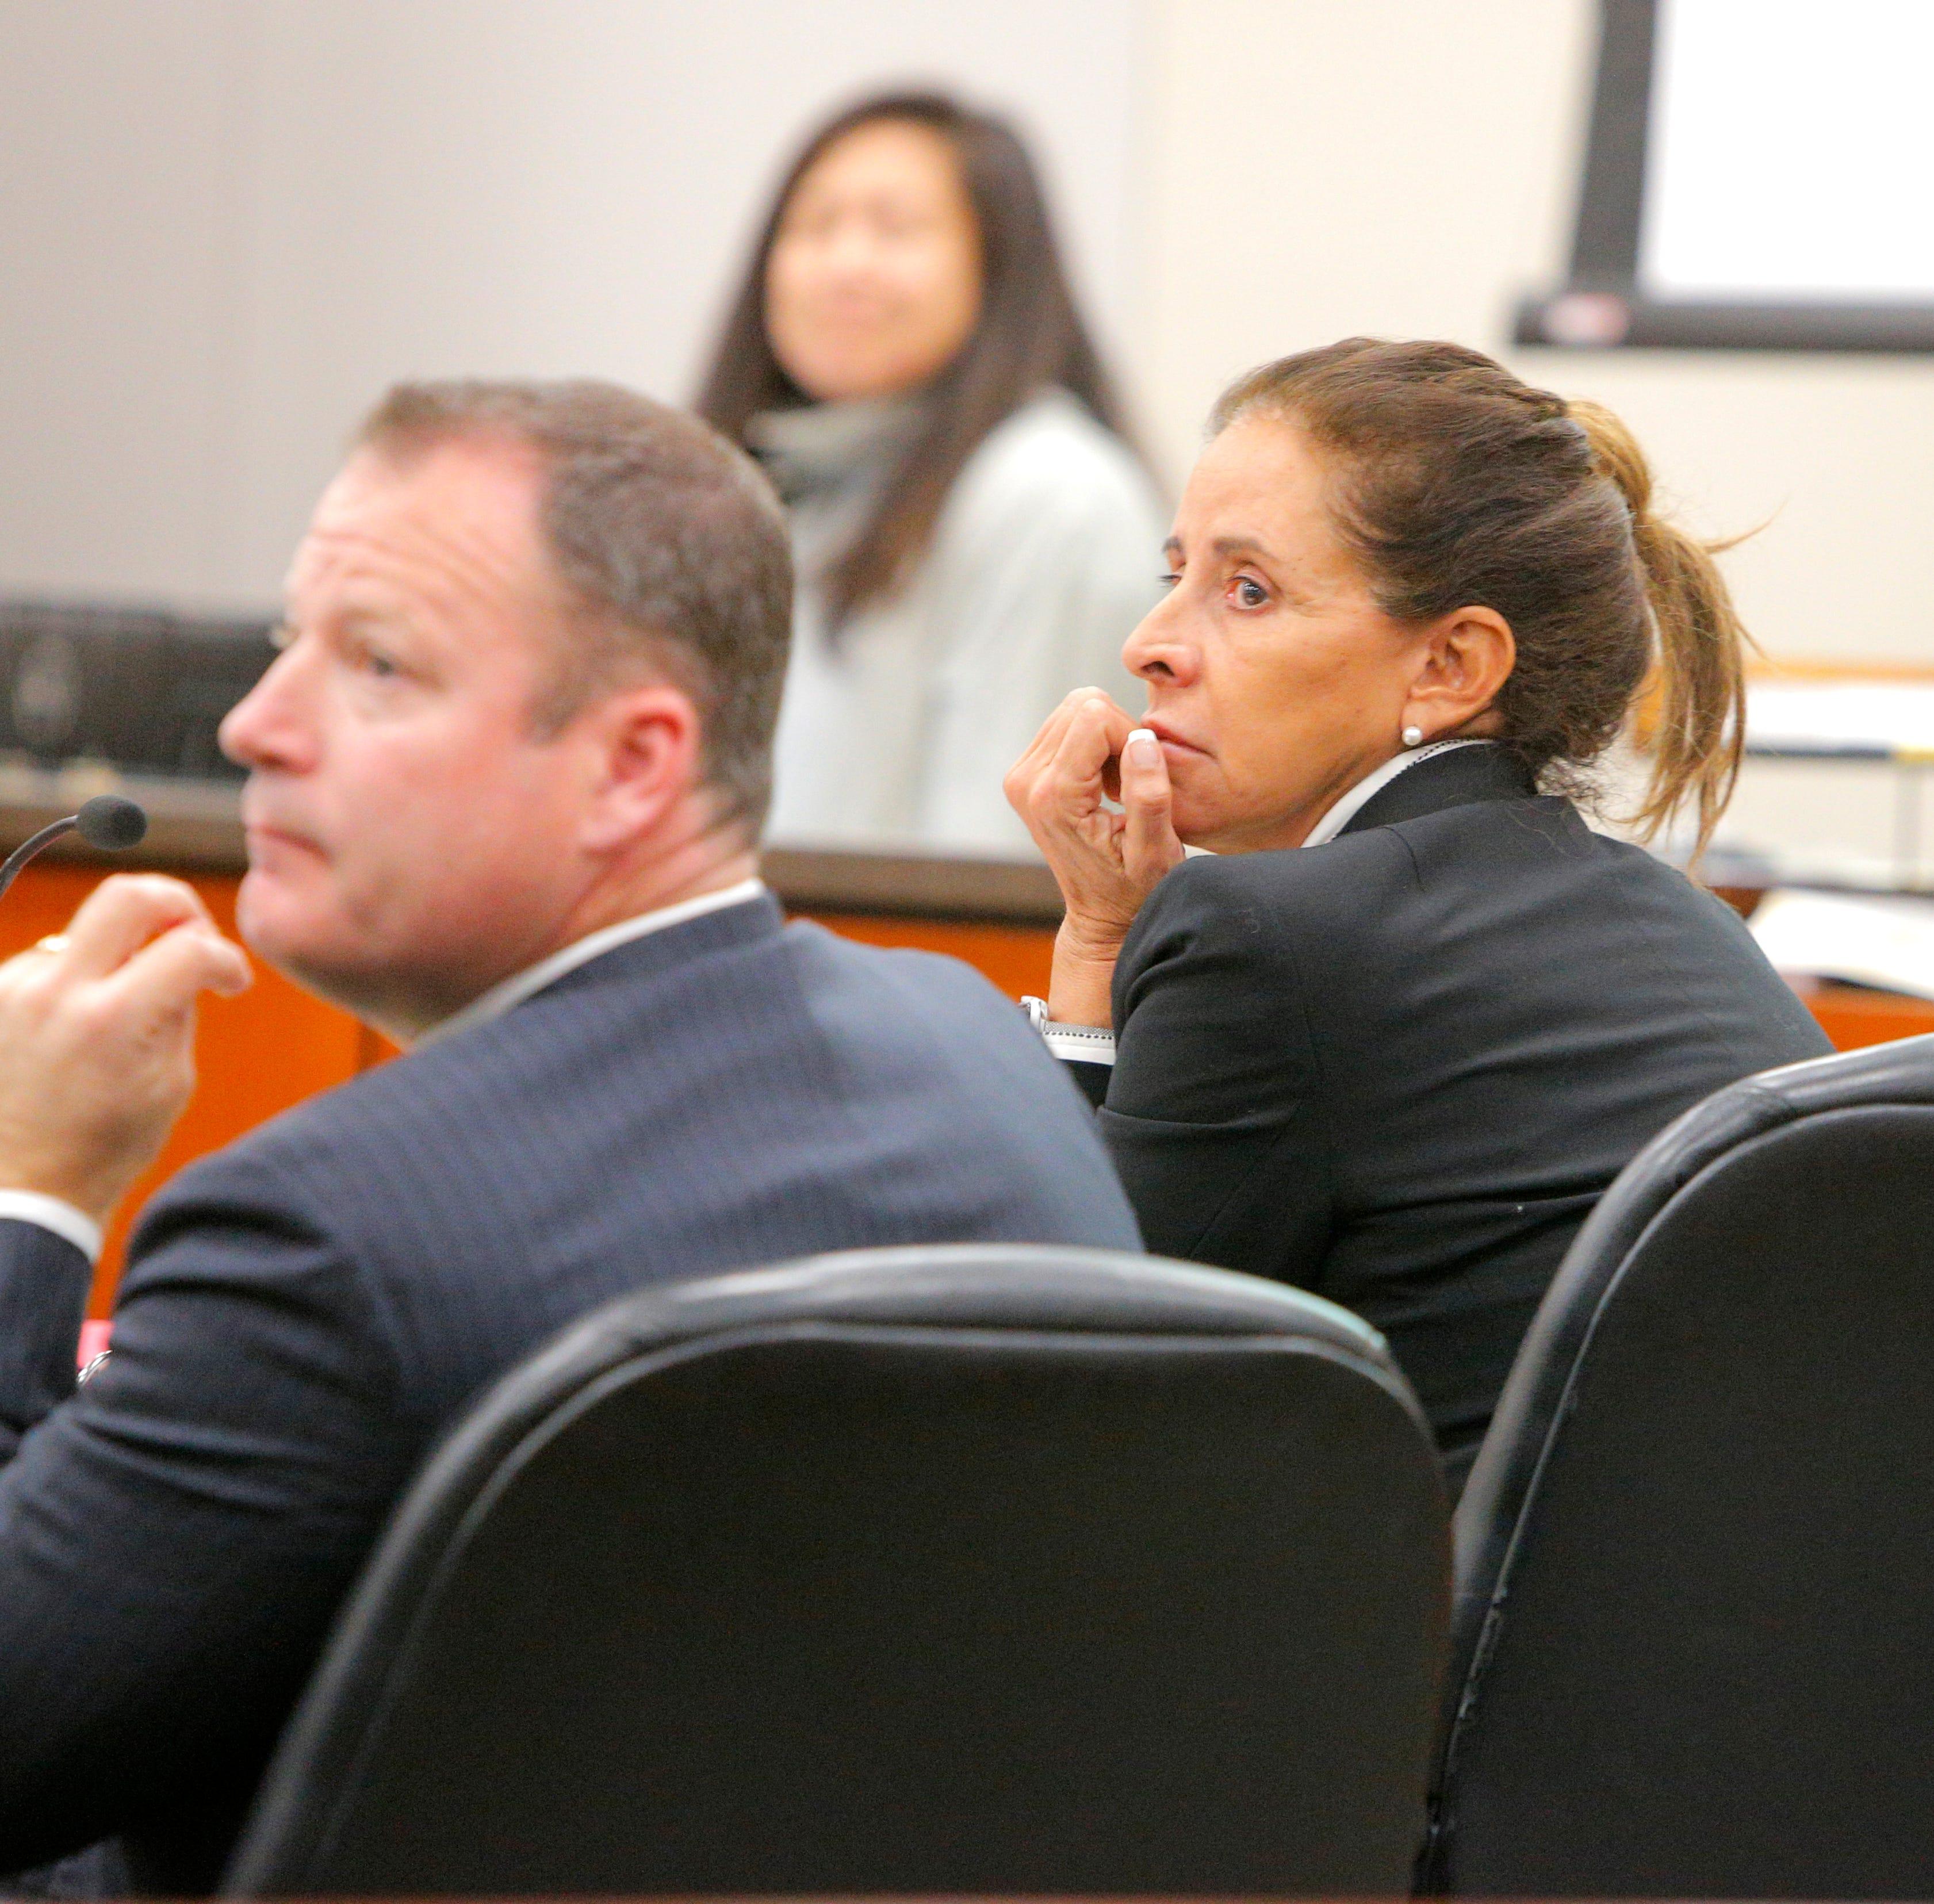 Acusan a mujer de desfalcar $675 mil dólares de organización sin fines de lucro para necesidades especiales